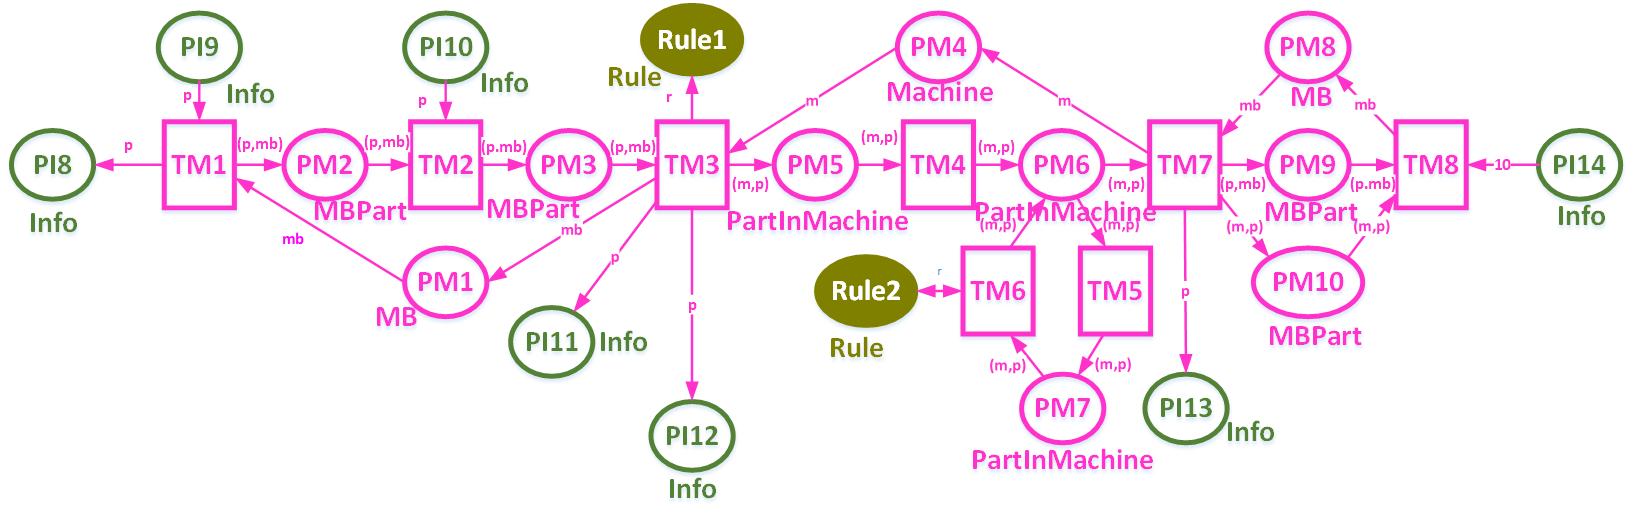 图2 机床Petri网模型